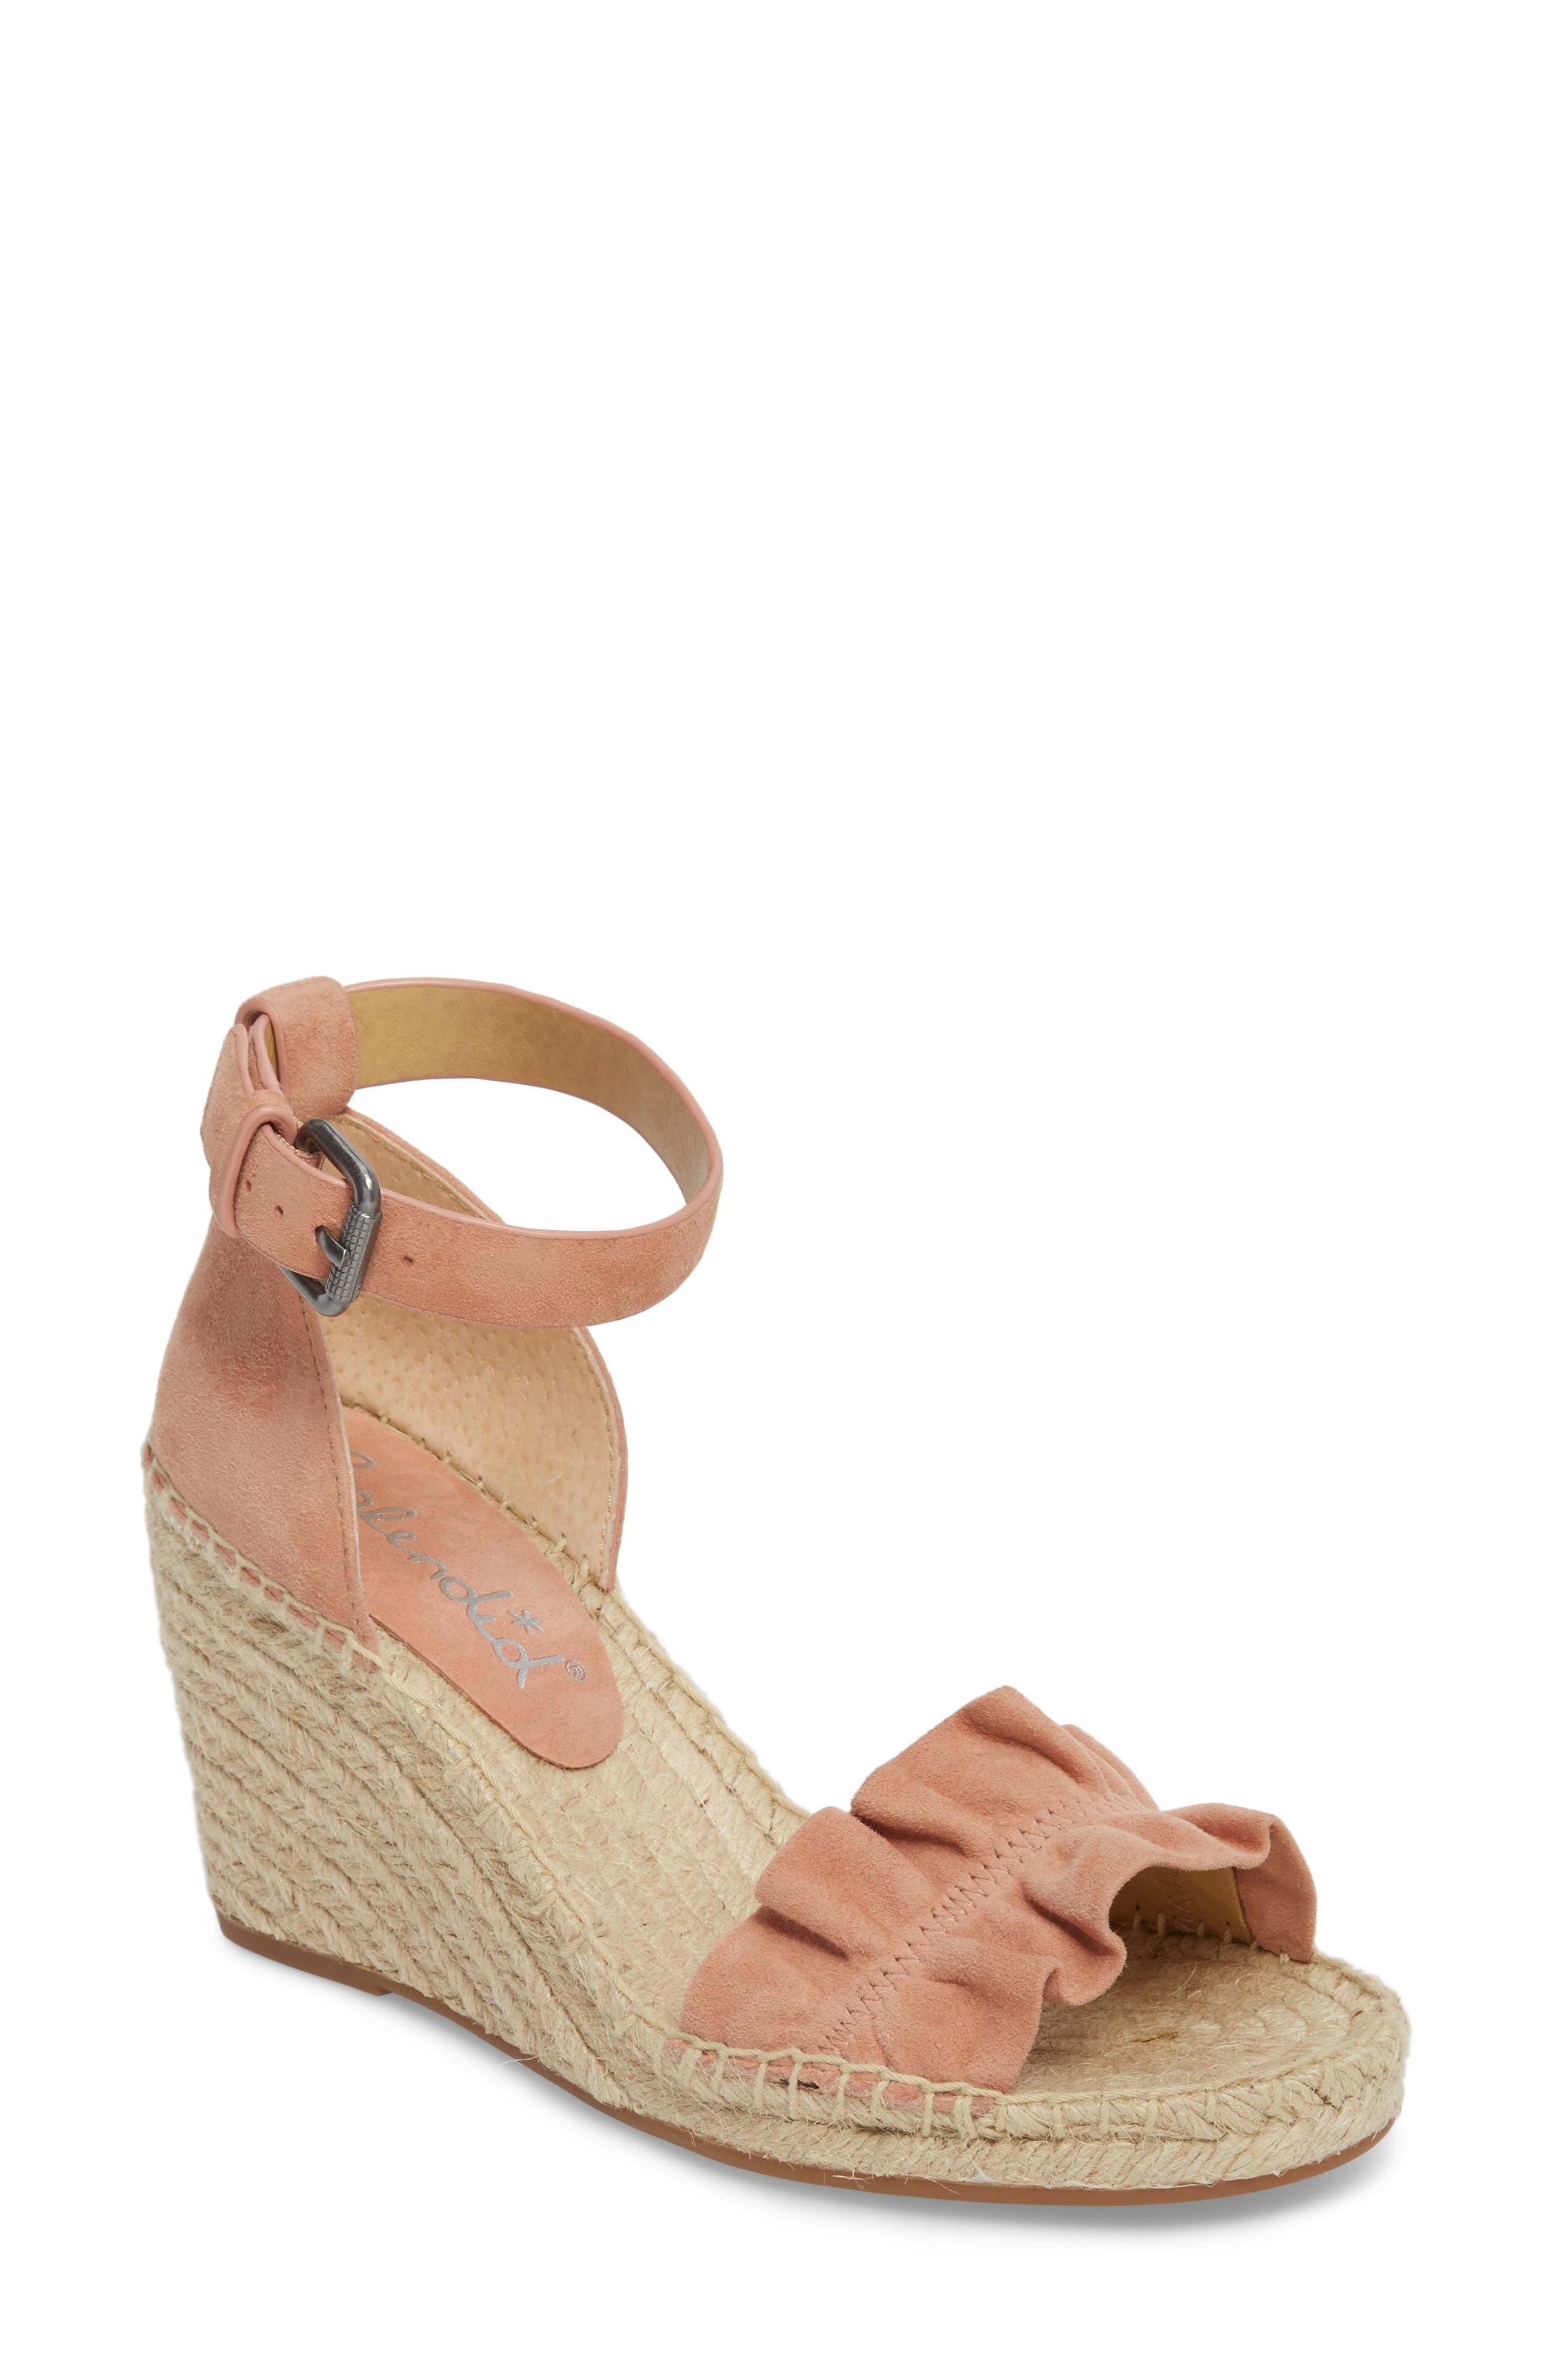 Main Image - Splendid Bedford Espadrille Wedge Sandal (Women)